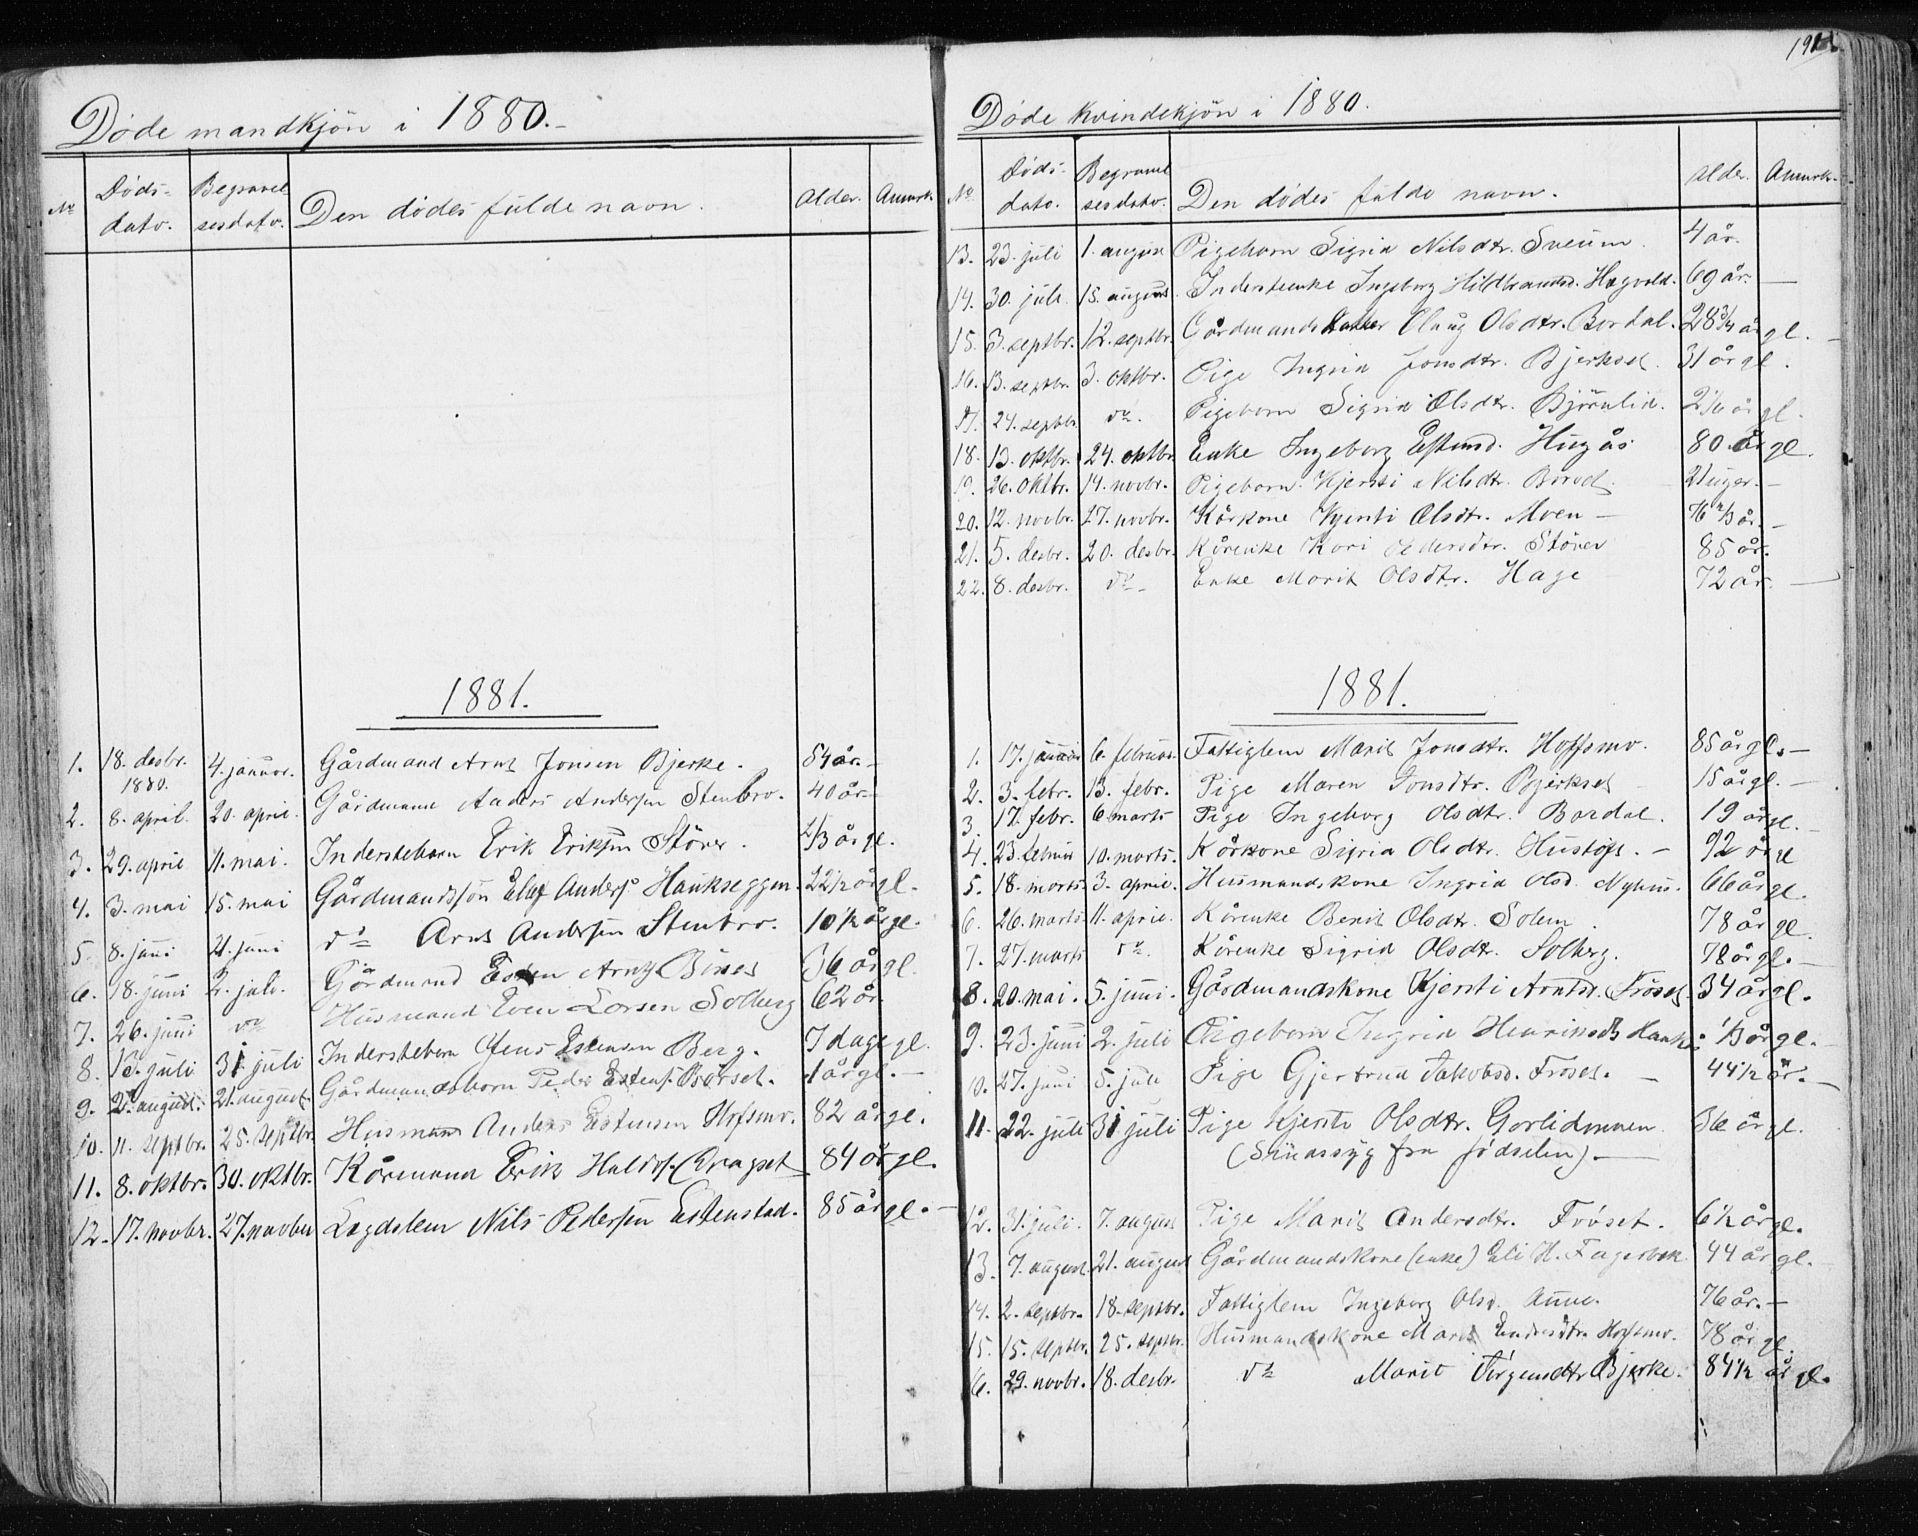 SAT, Ministerialprotokoller, klokkerbøker og fødselsregistre - Sør-Trøndelag, 689/L1043: Klokkerbok nr. 689C02, 1816-1892, s. 191